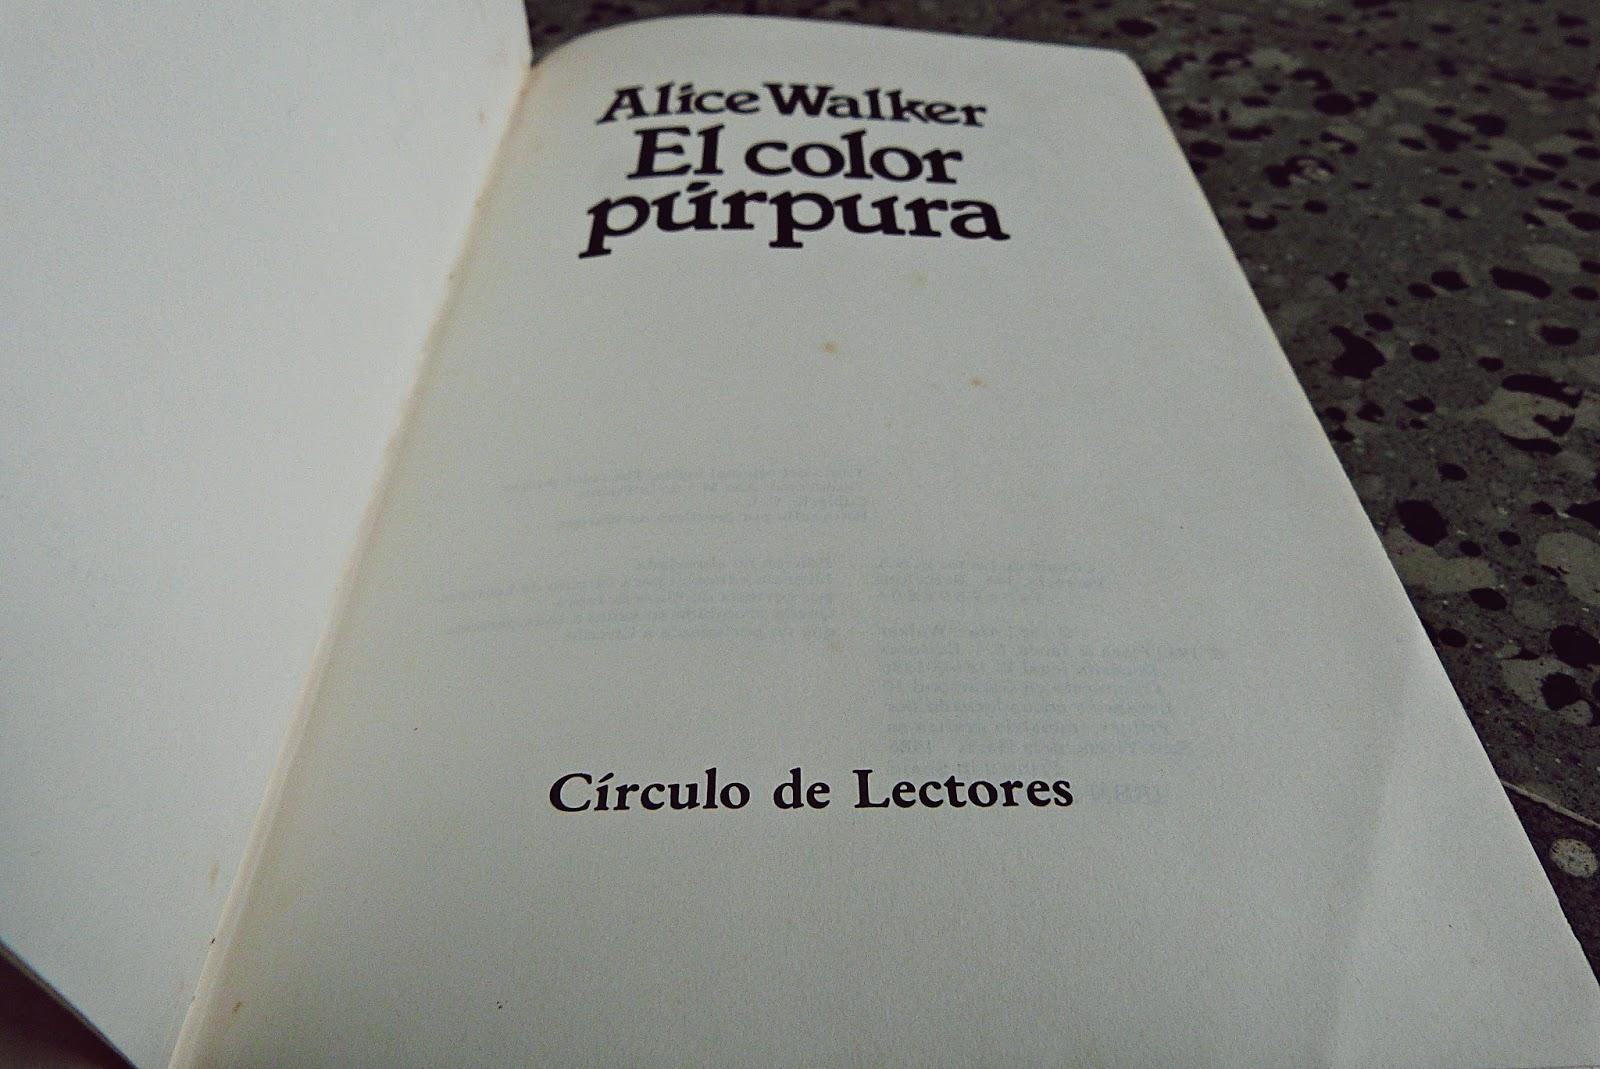 El color púrpura. Alice Walker.